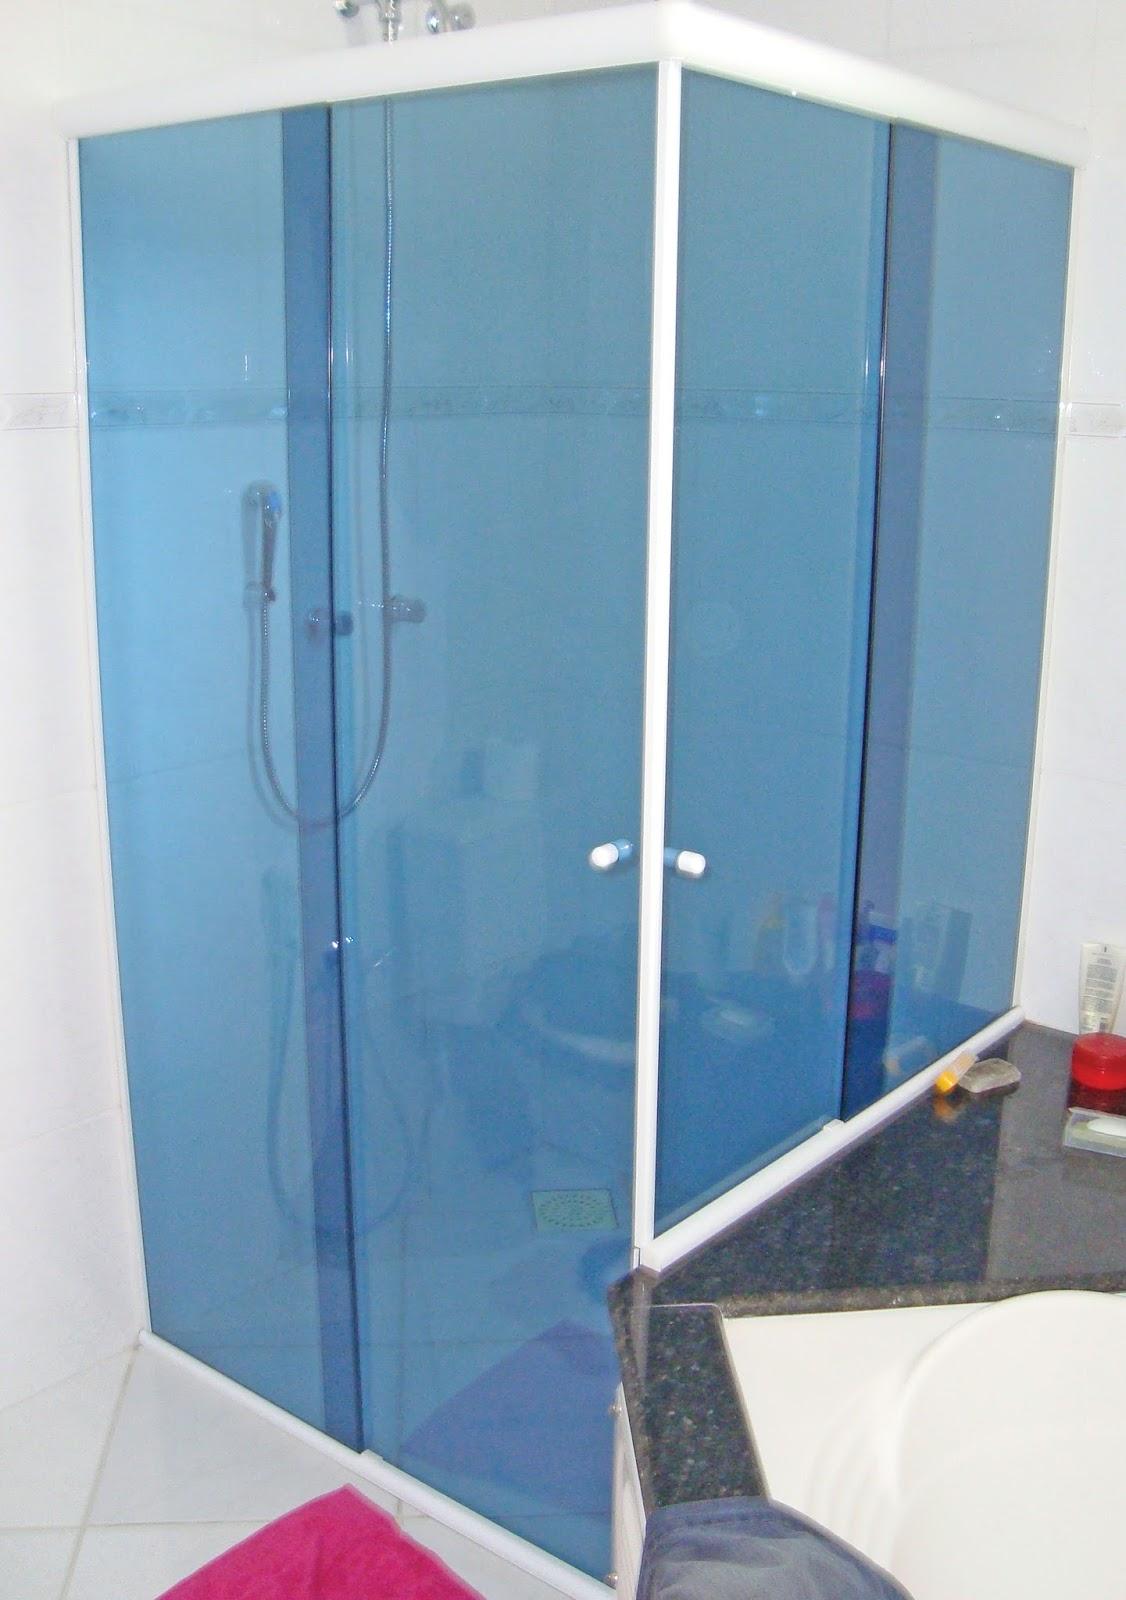 #A3285C Kakoart Vidros e Espelhos: Vidros temperados / Vidraçaria  1614 Vidros Temperados Janelas E Portas